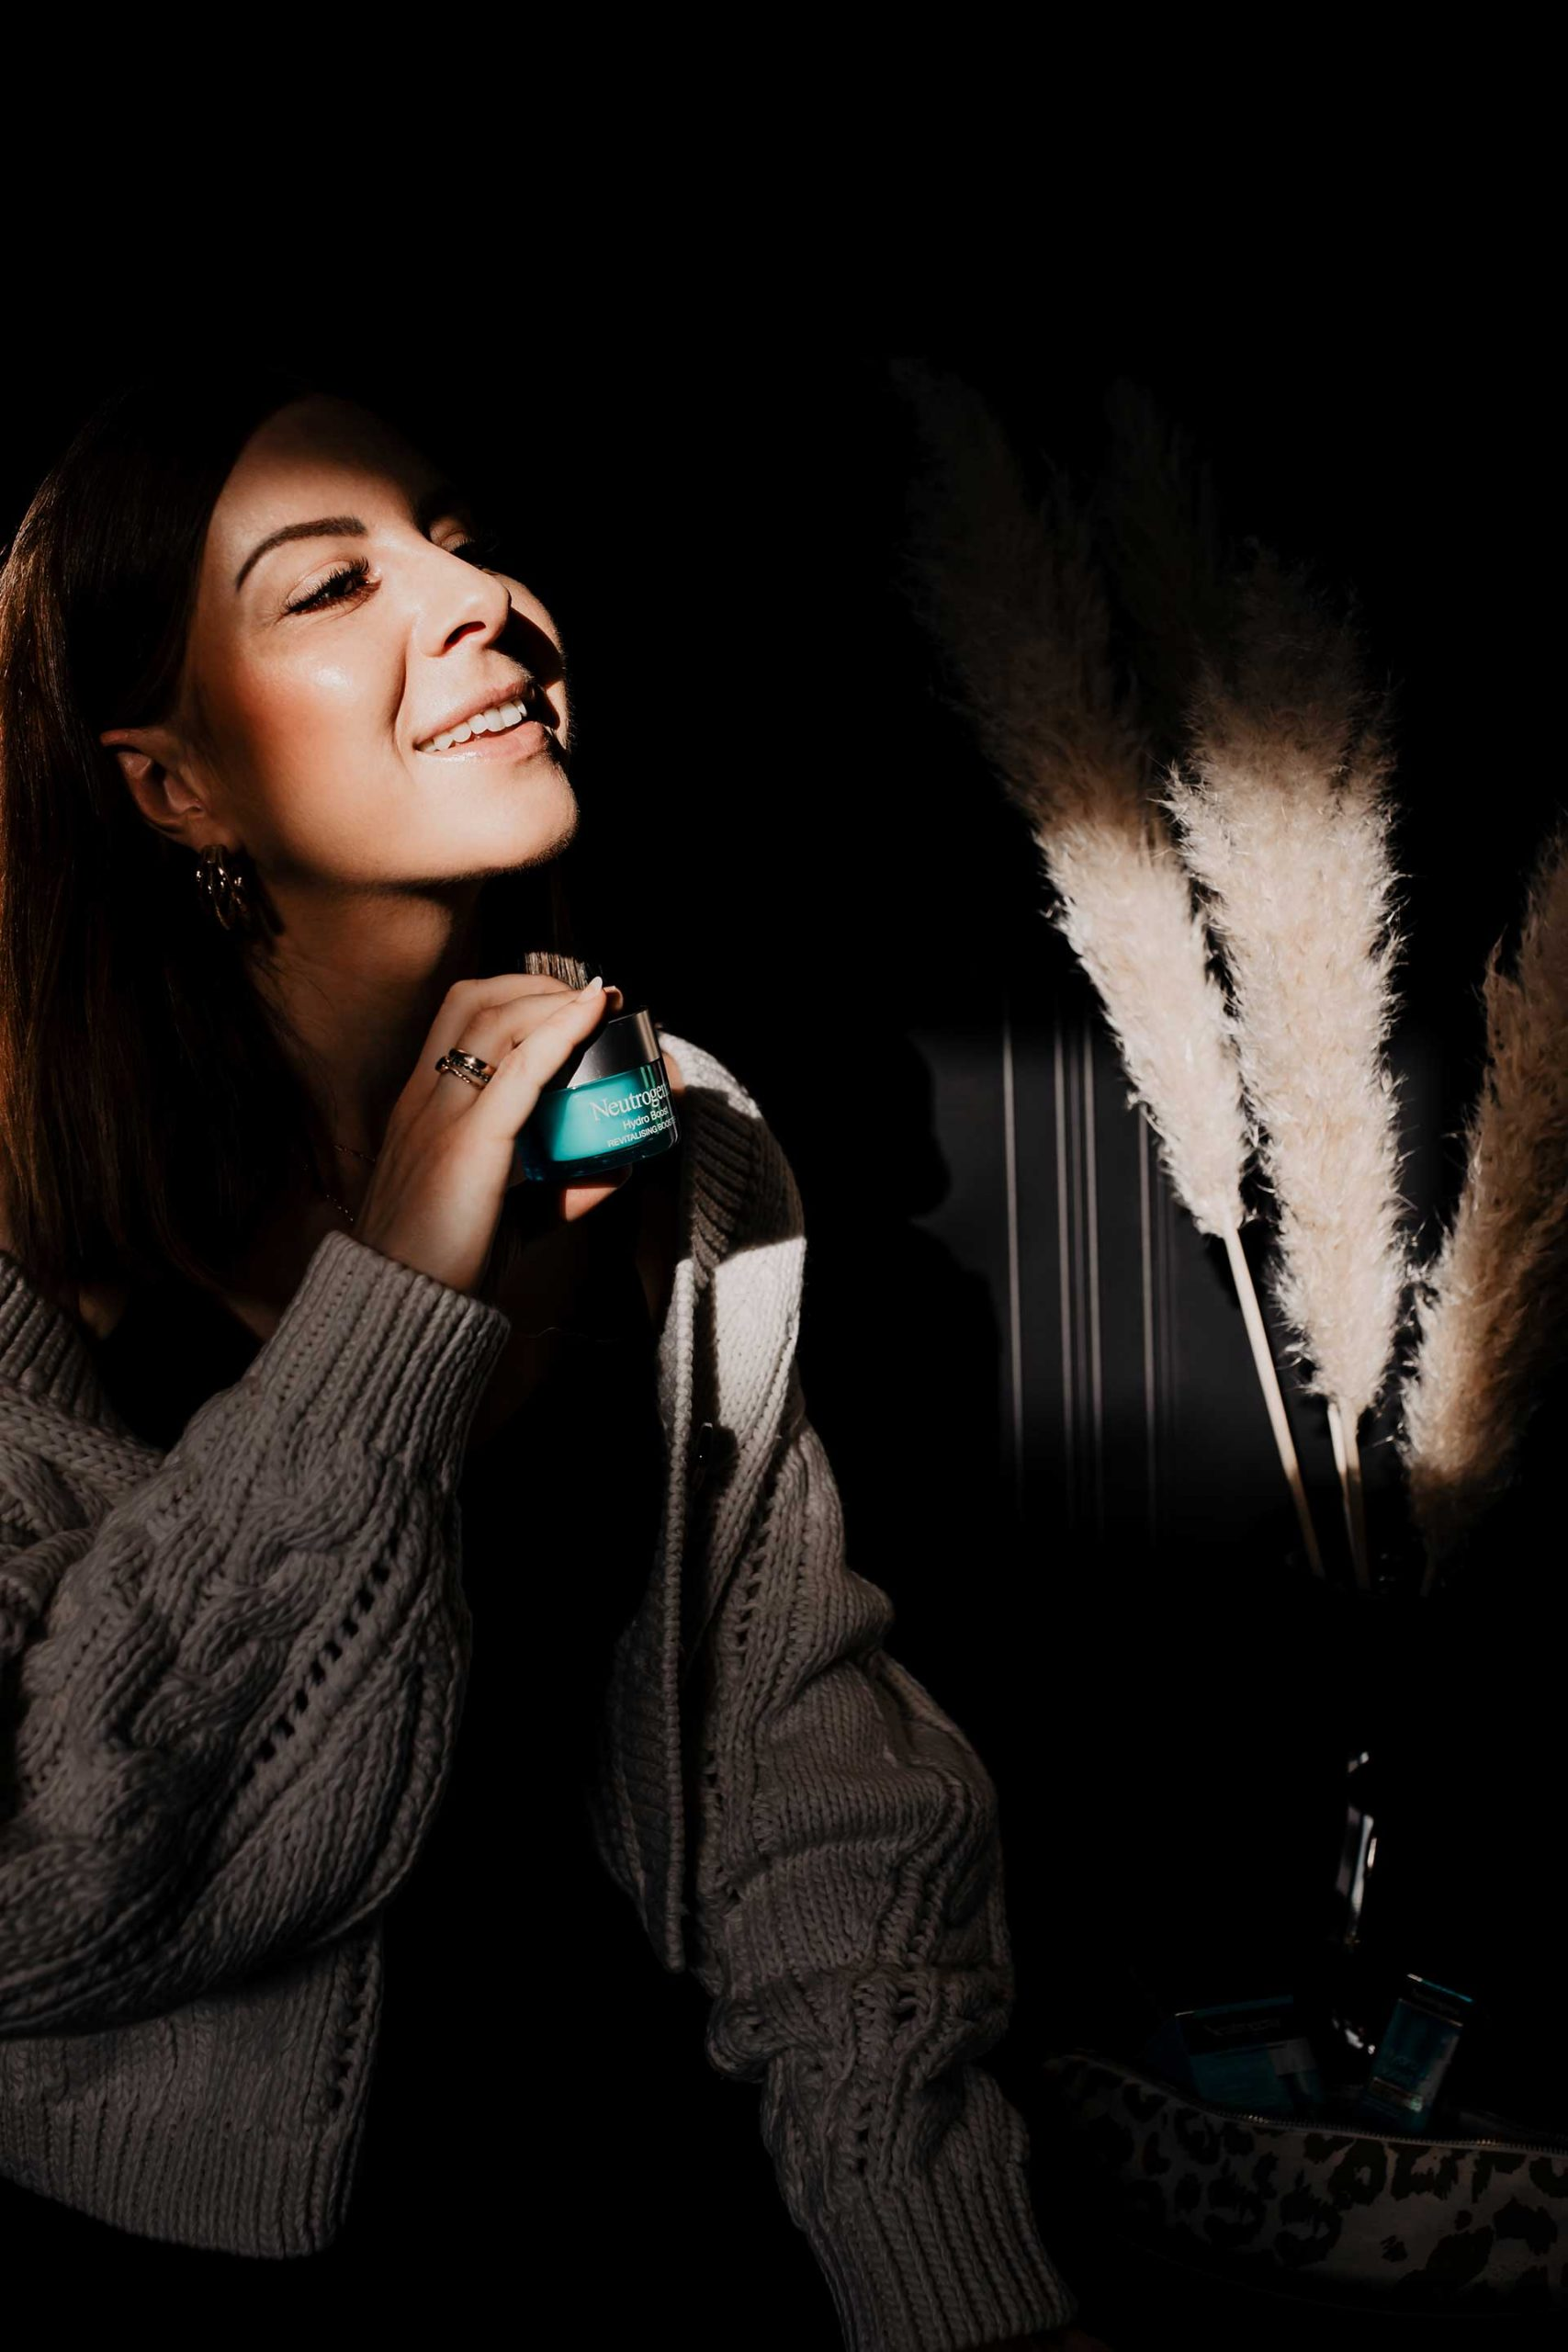 Anzeige. Der ständige Temperaturwechsel entzieht der Haut Feuchtigkeit und trocknet sie aus. Deshalb ist die richtige Hautpflege im Winter das A und O für schöne Haut!Ich zeige dir,wie du deine Haut im Winter intensiv pflegen kannst.